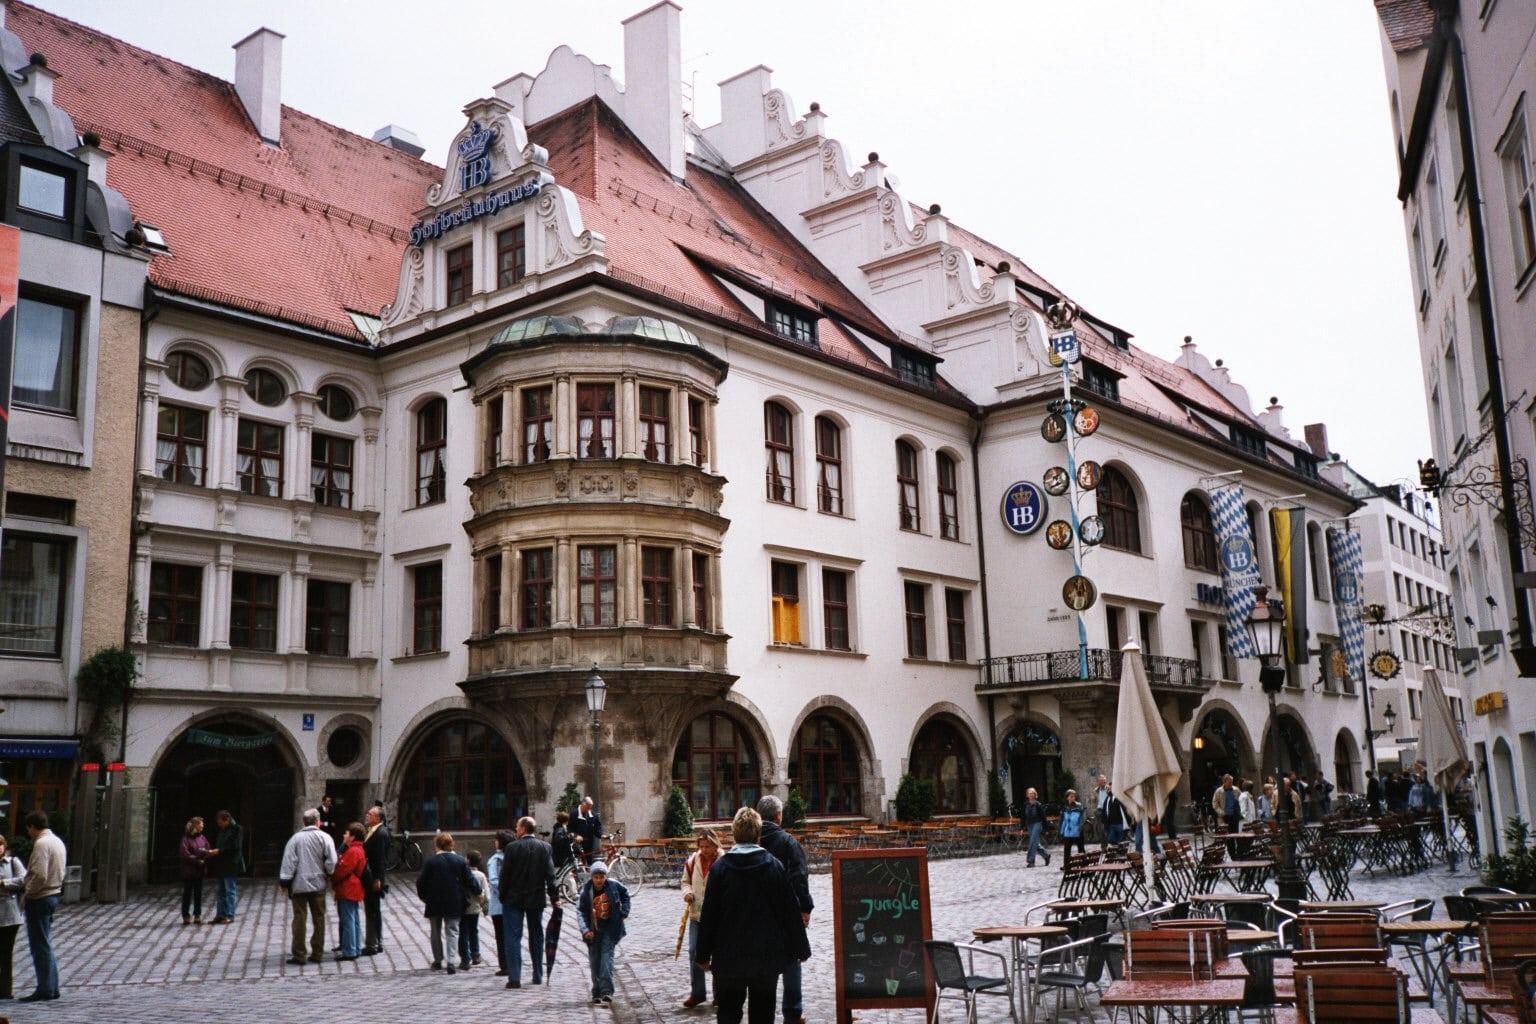 Hofbrauhaus este cea mai renumită berărie din lume